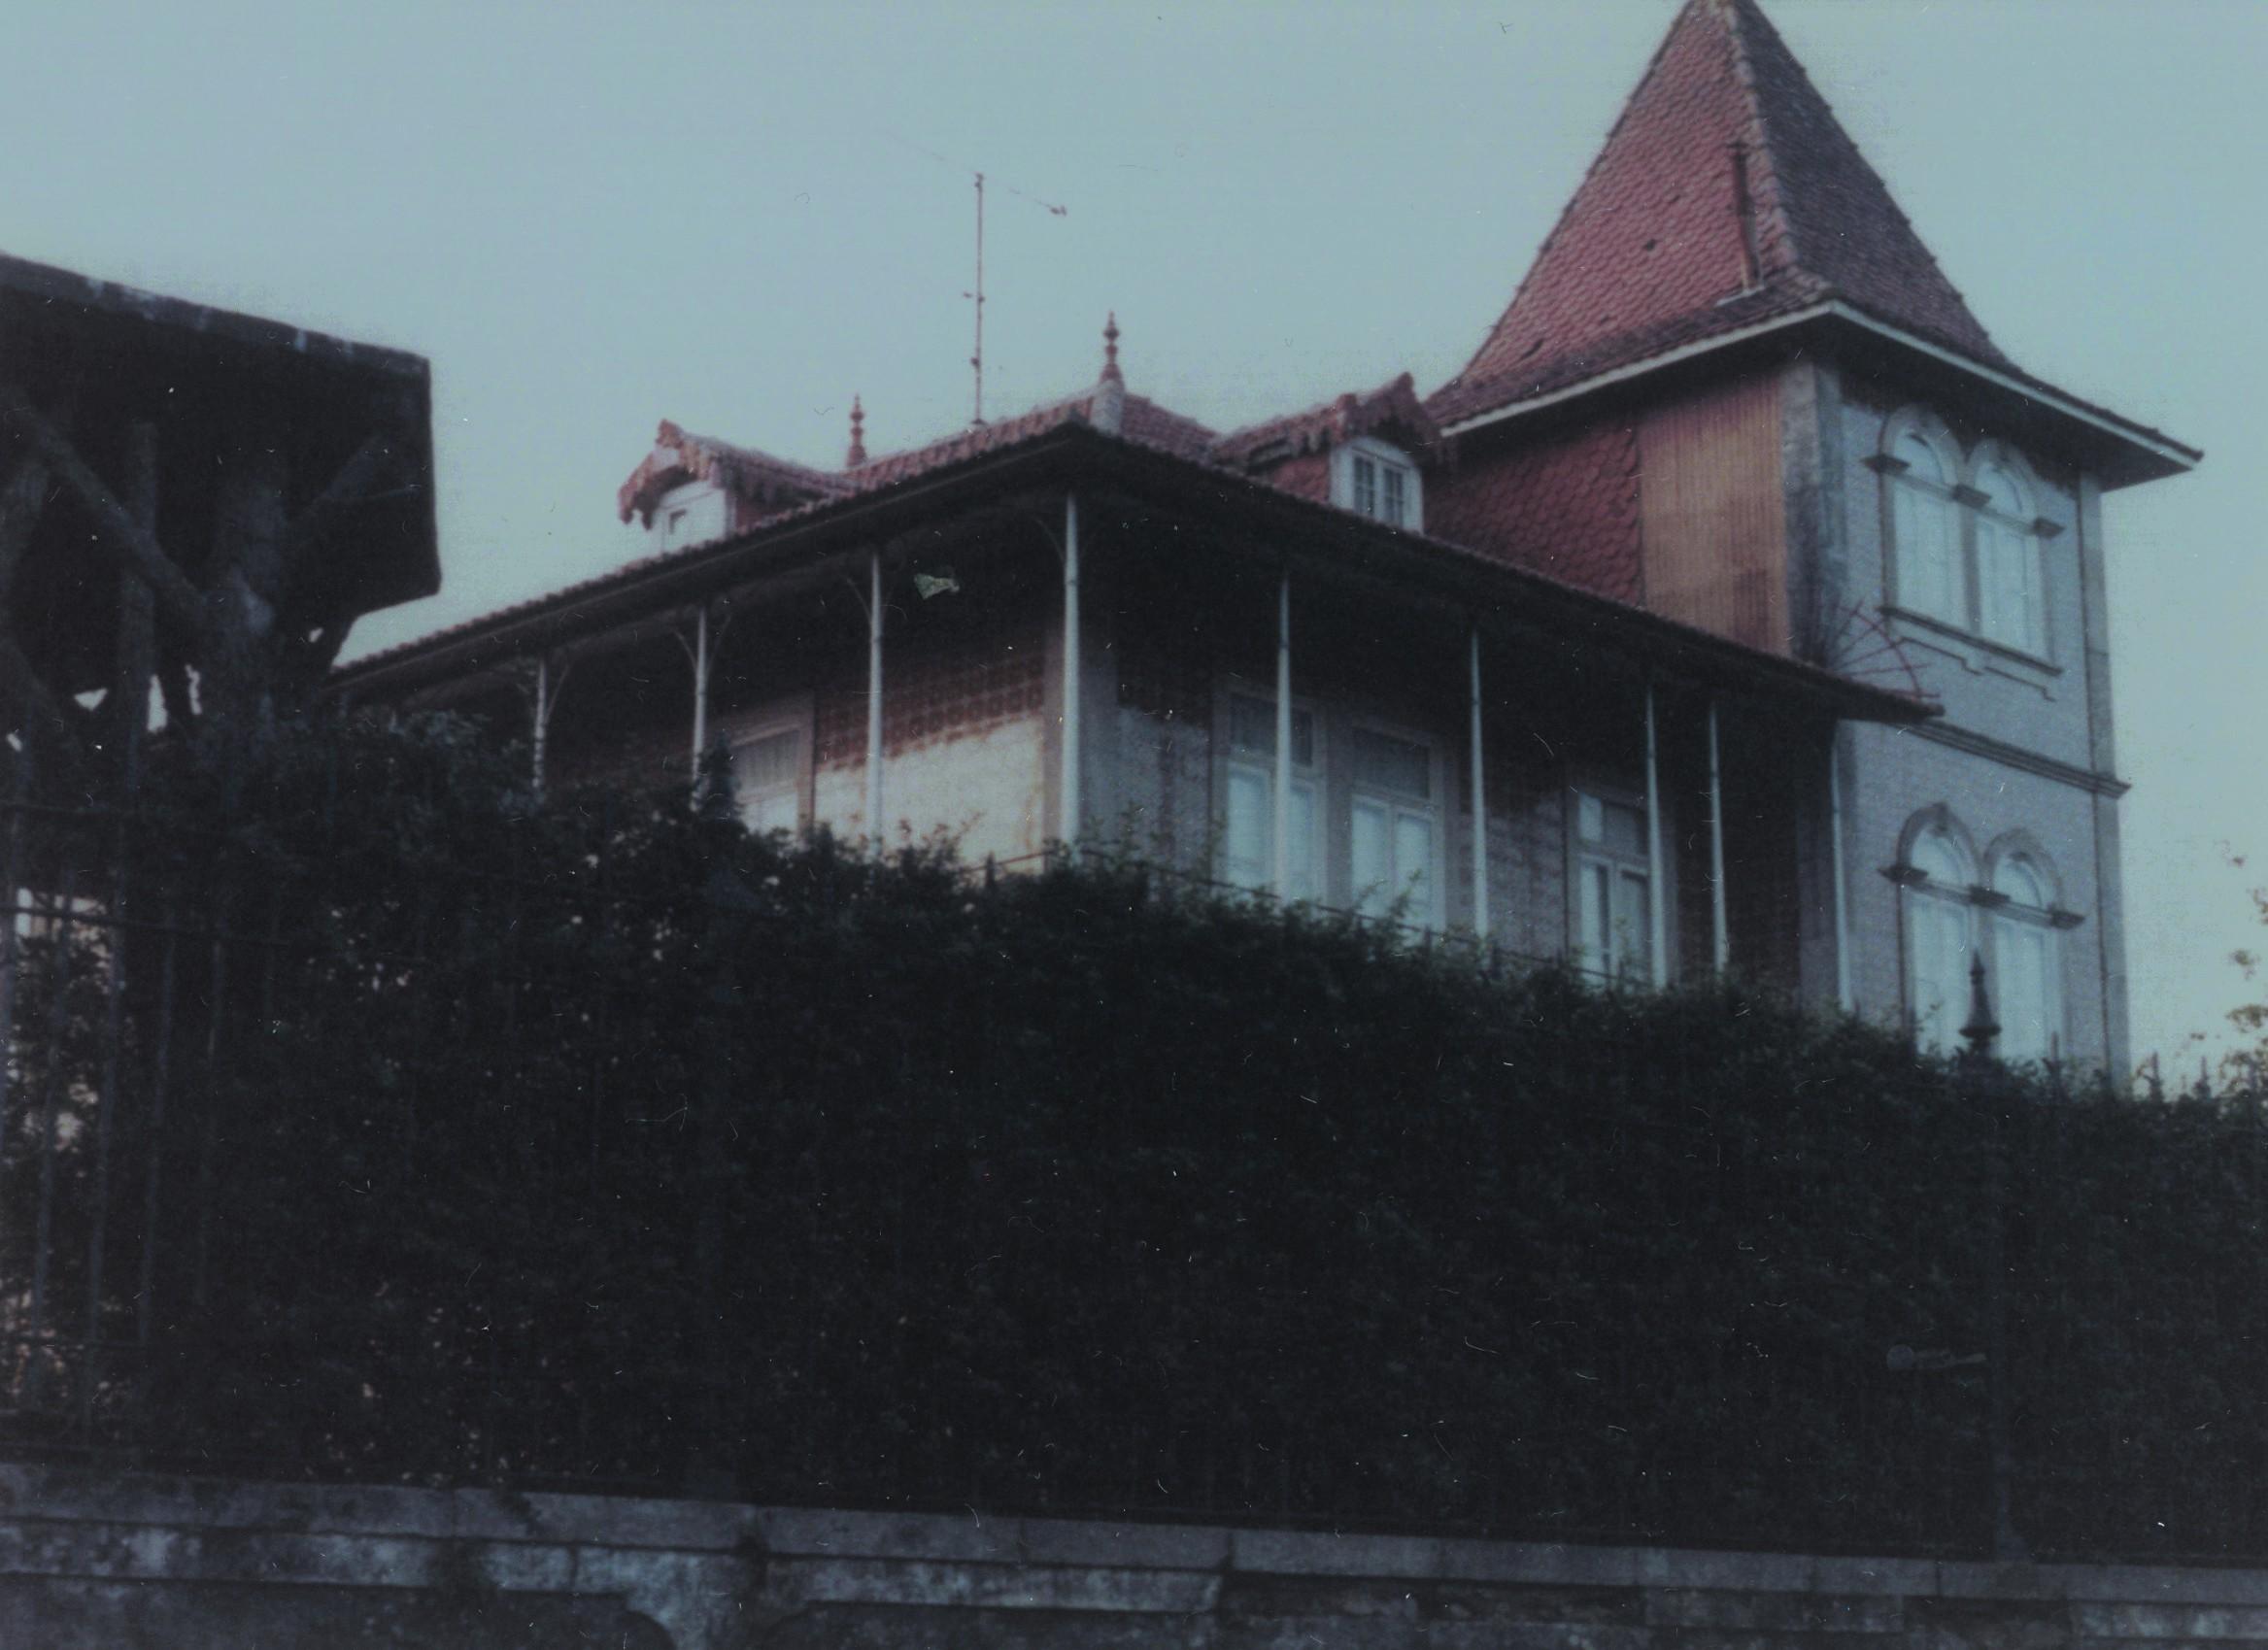 Casa de Sebastião Lopes da Cruz, Pinheiro da Bemposta (1998)